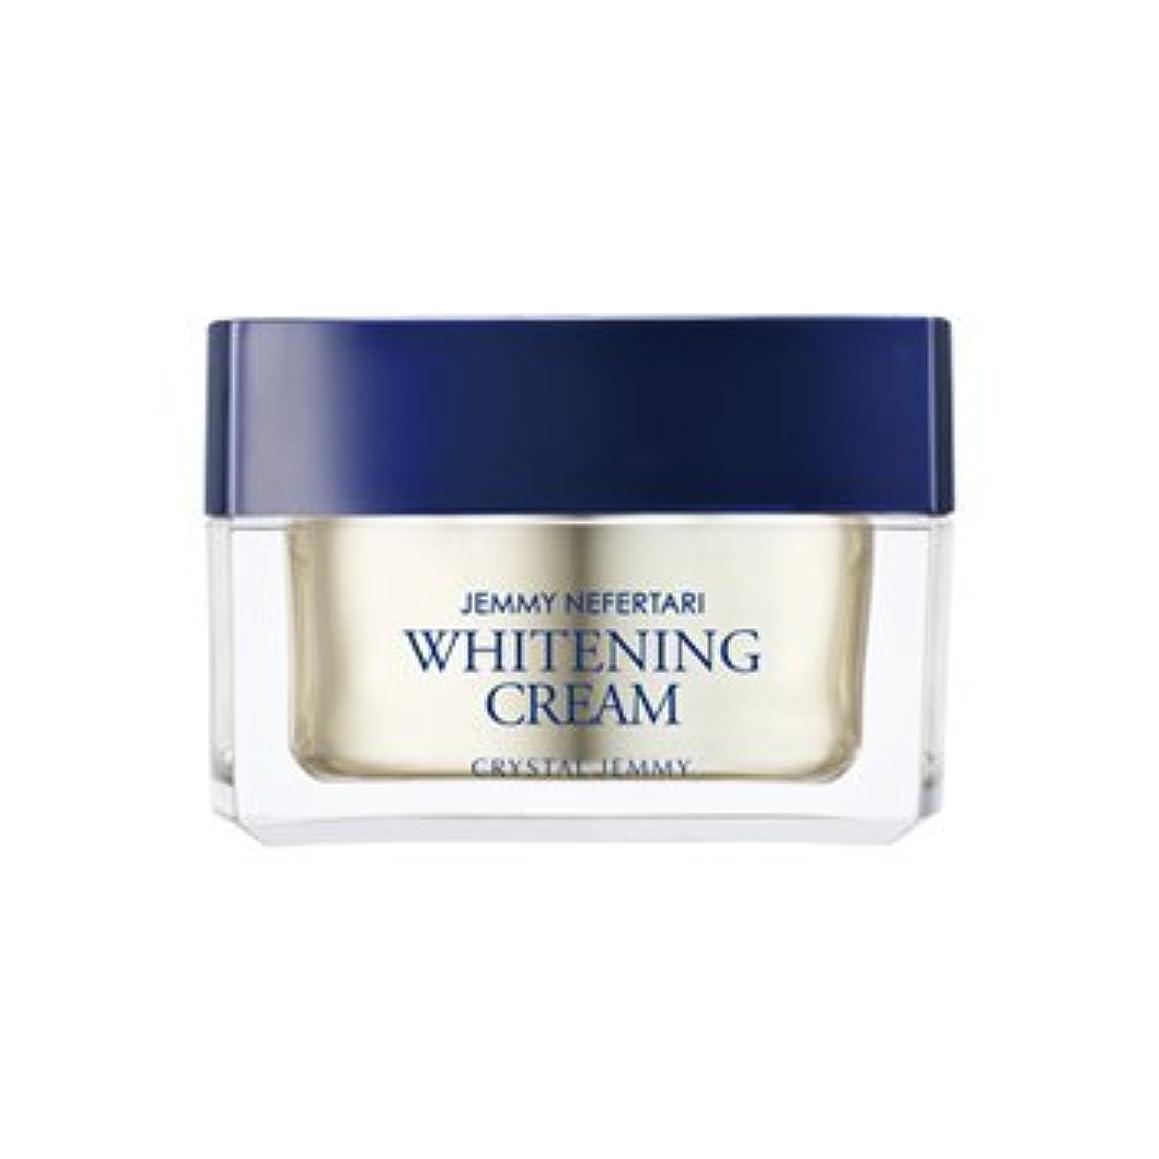 高齢者受動的緊張する美白 クリーム チェンジ 濃密 中島香里 クリスタルジェミー ジェミーネフェルタリ ホワイトニングクリーム